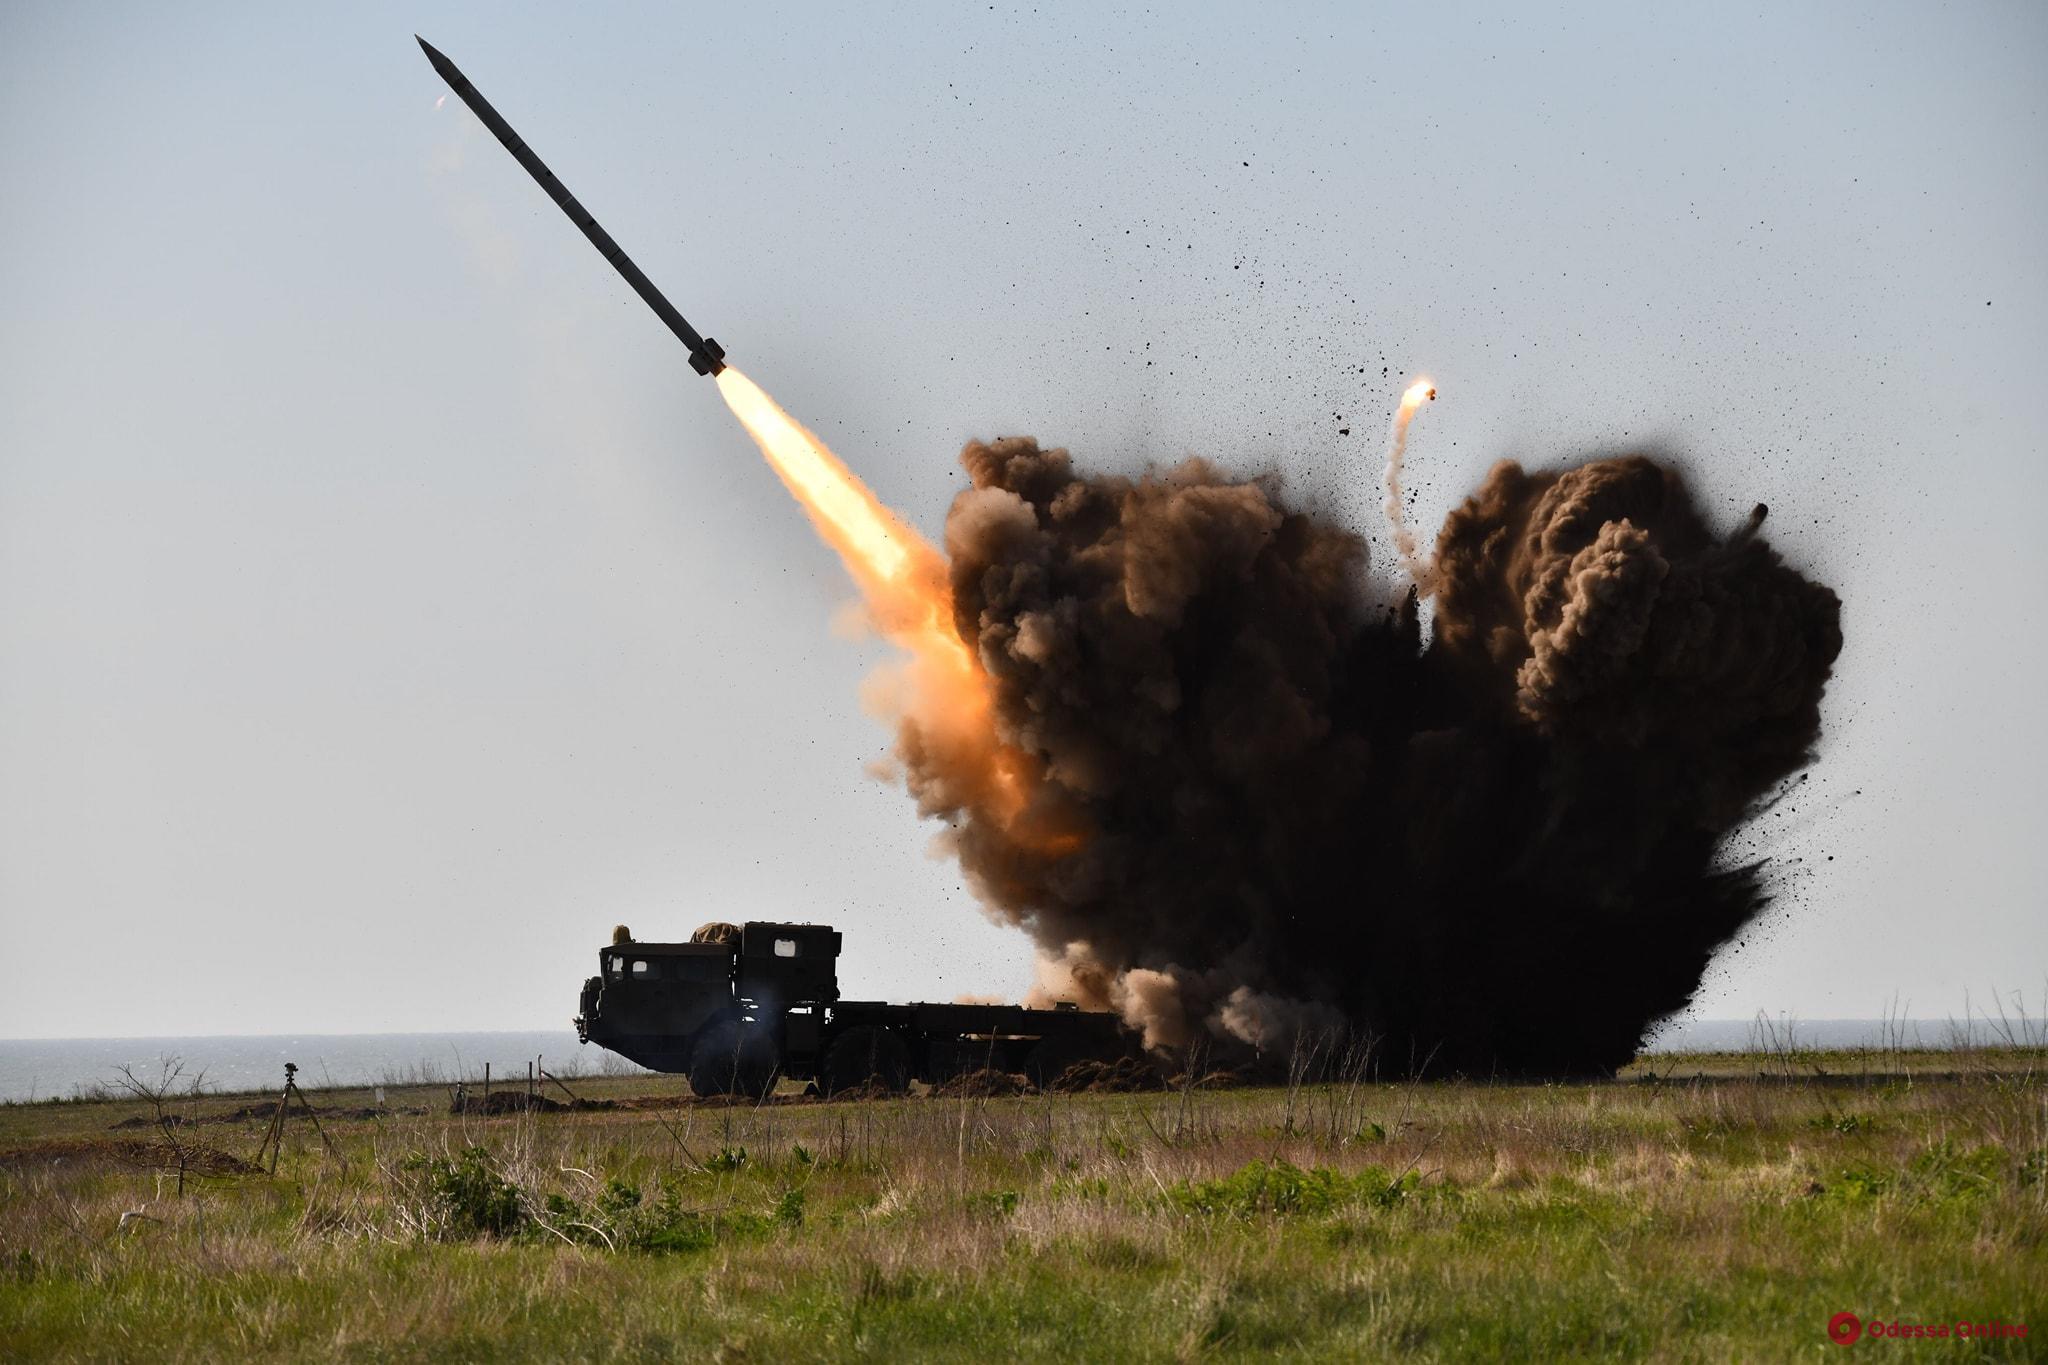 На юге Одесской области продолжаются испытания новой ракеты (фото, видео)